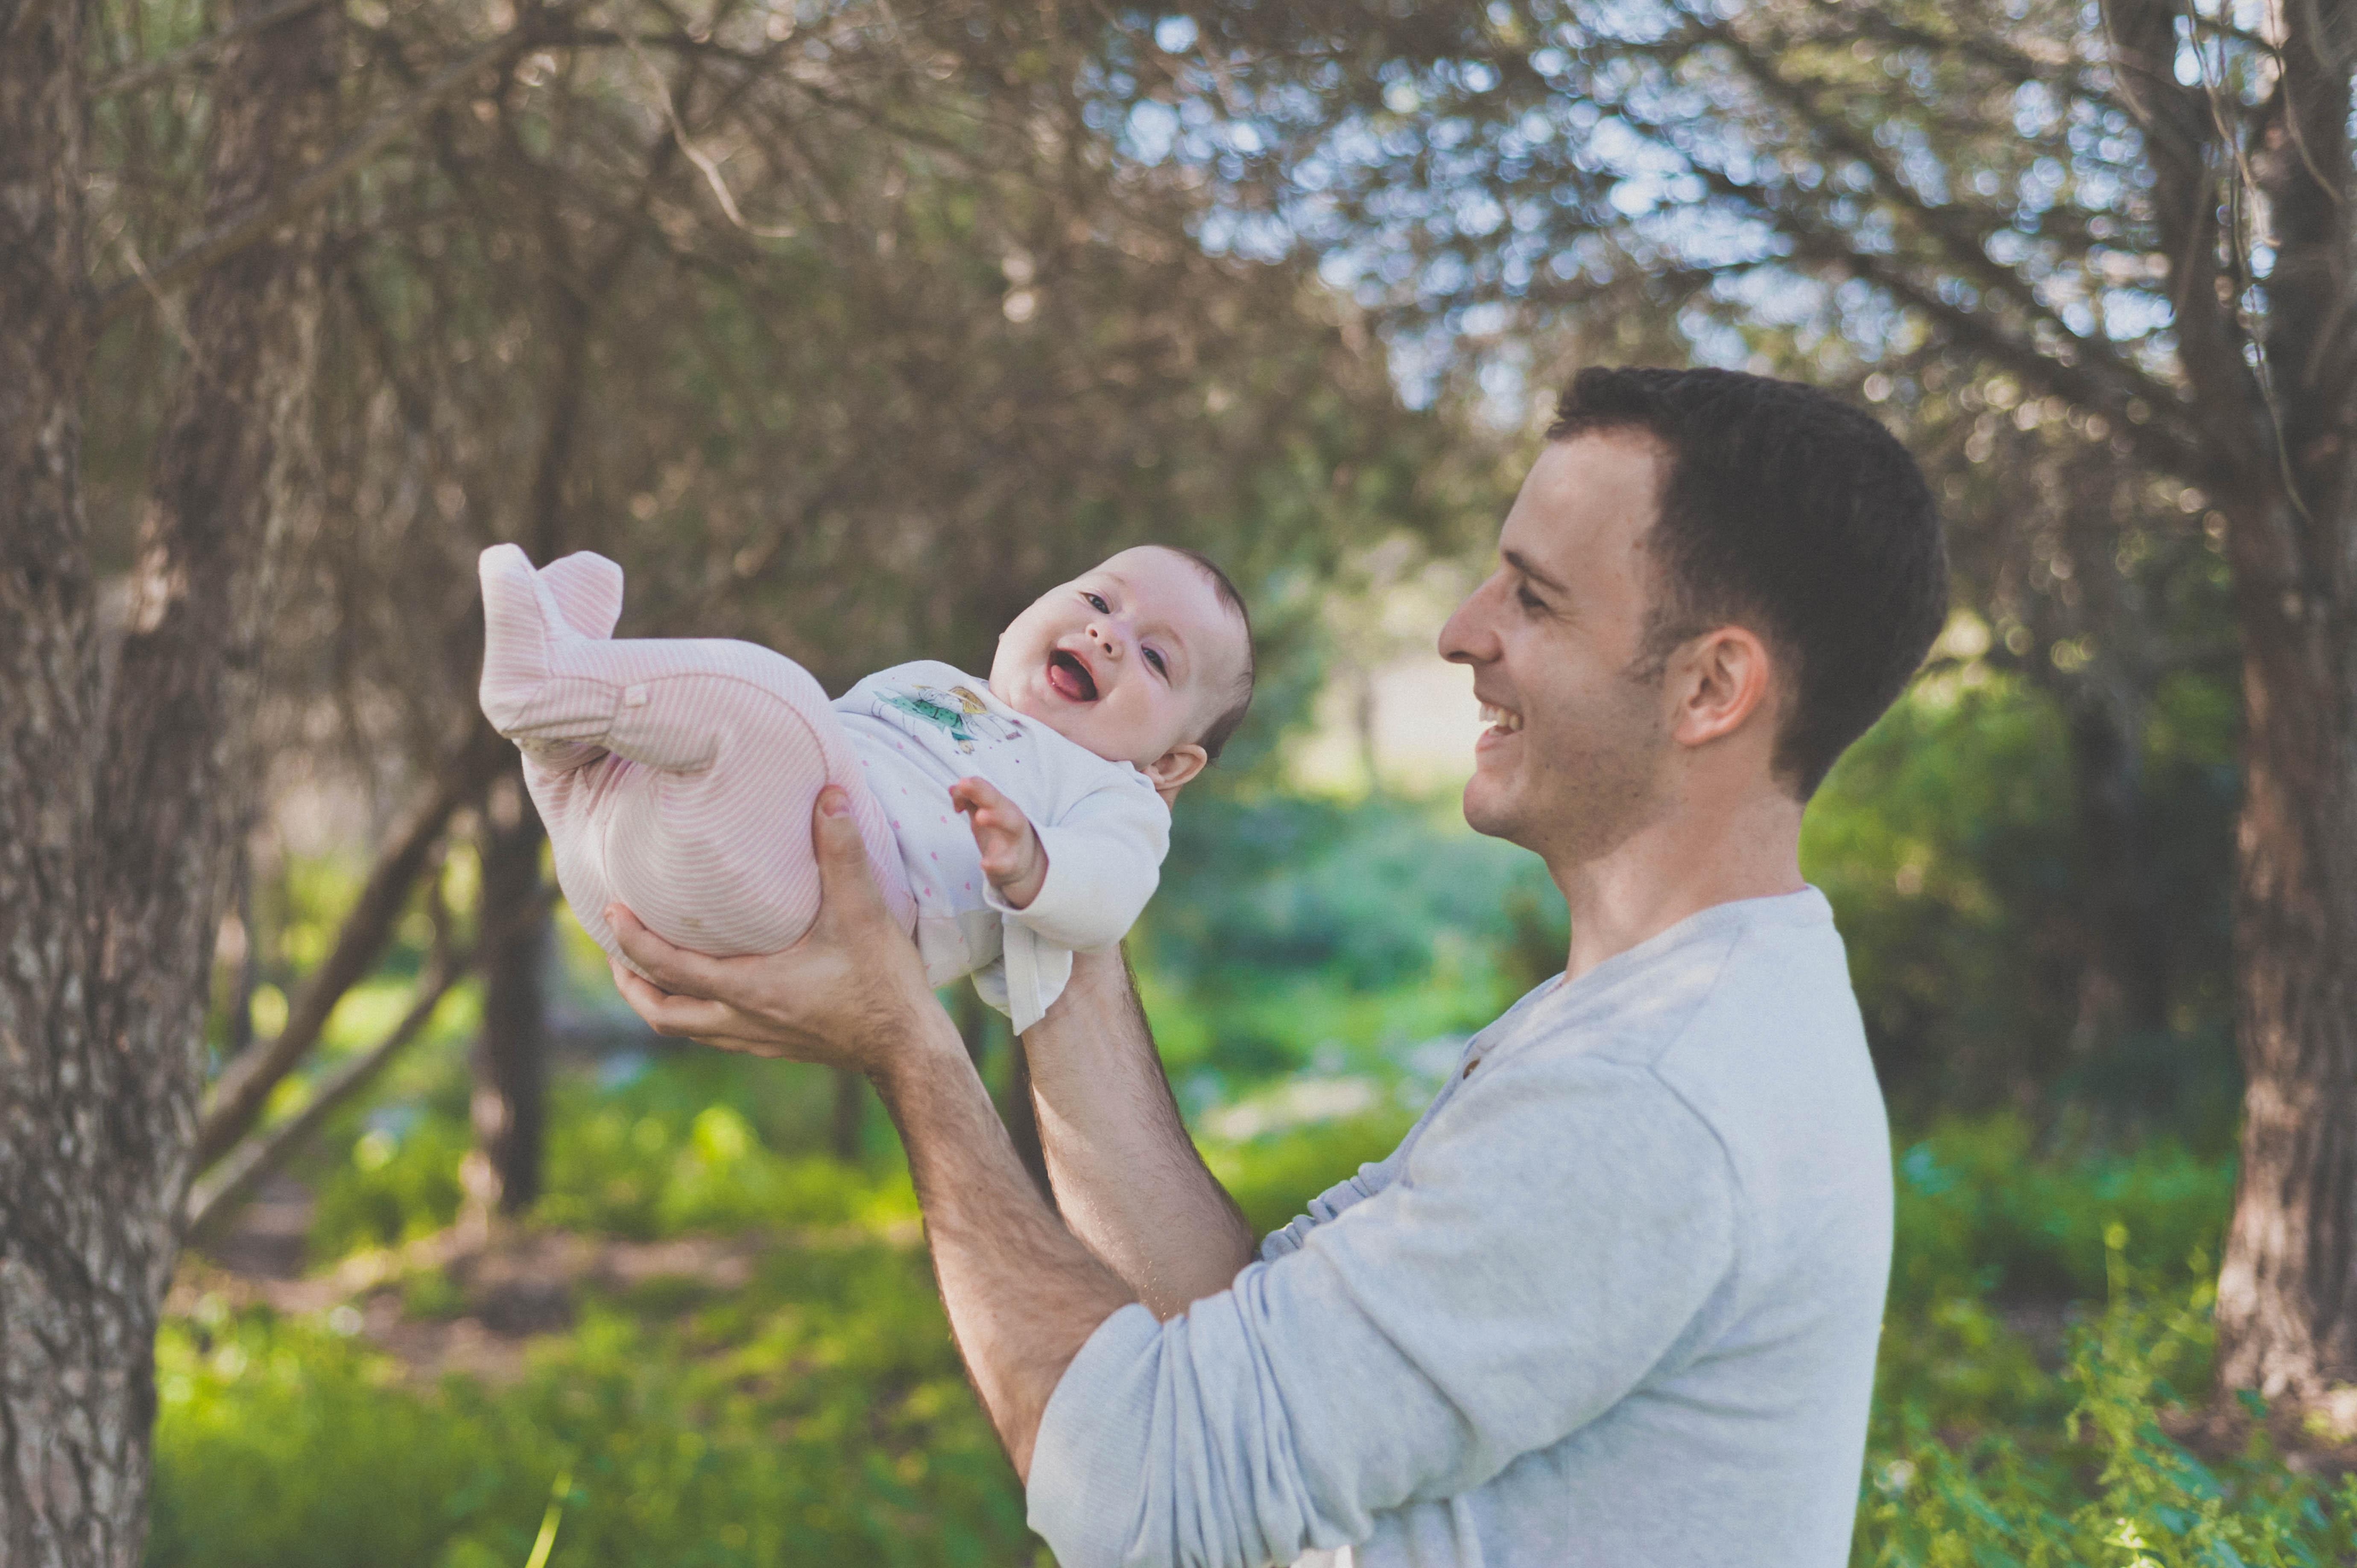 סטודיו בייבילנס צילומי היריון ומשפחה (89 of 93)